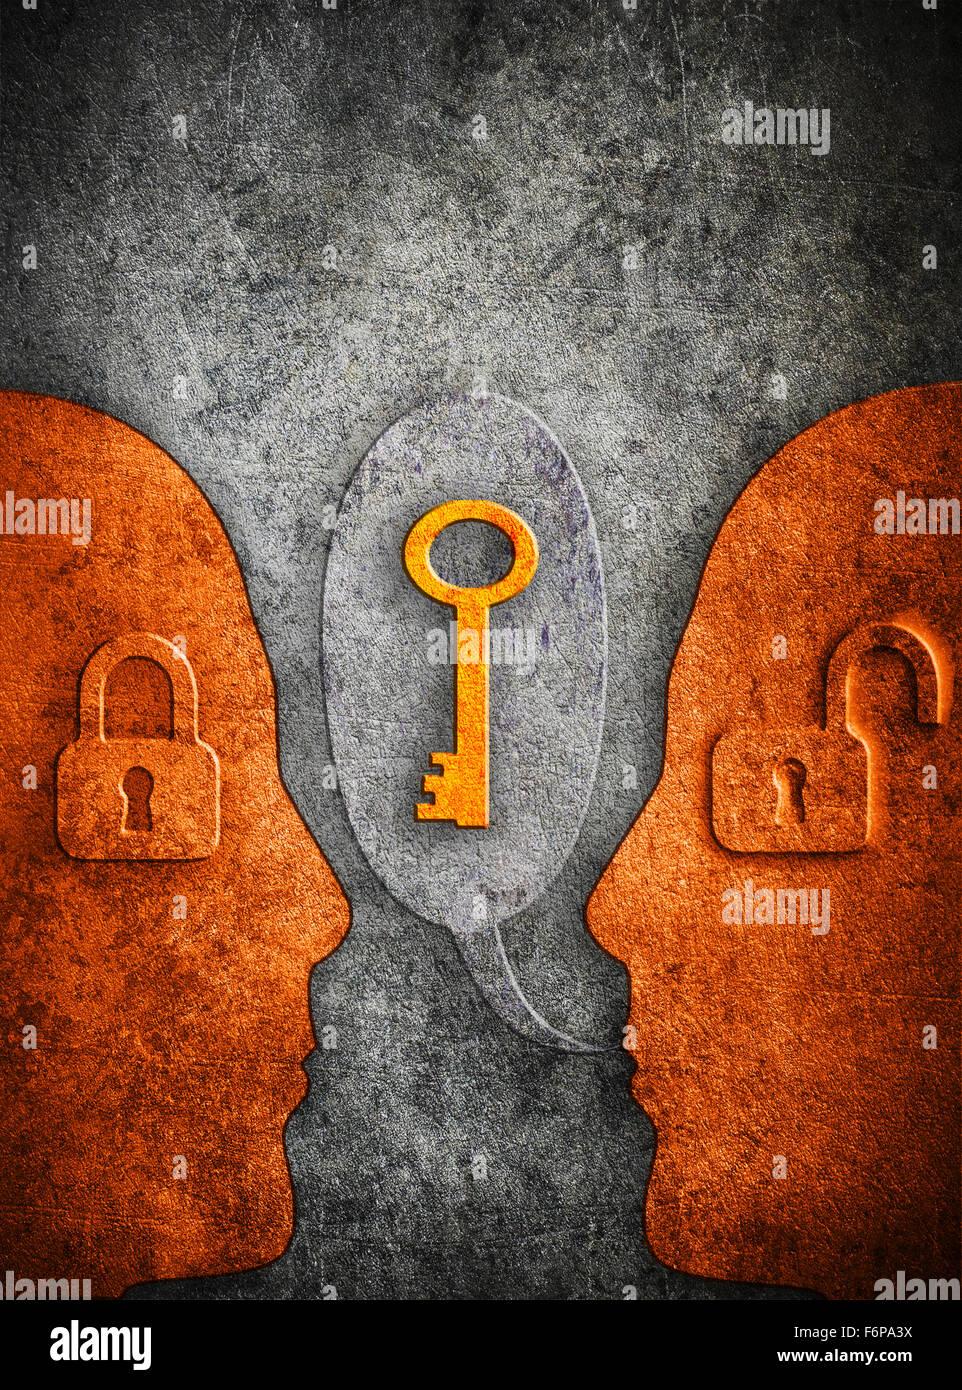 Illustration numérique connaissances concept avec cadenas silhouette humaine et copy space Photo Stock